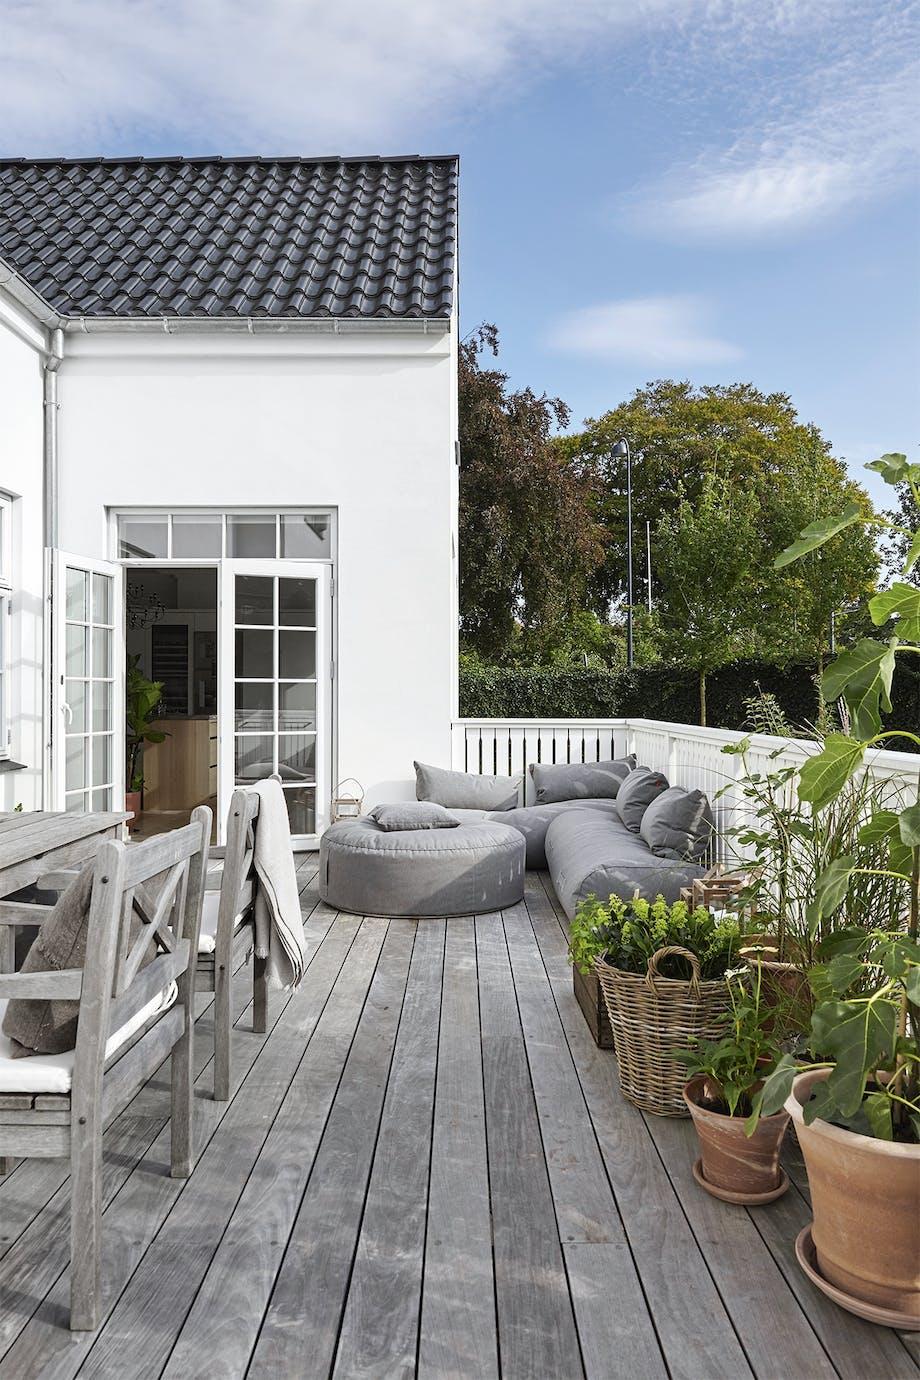 villa hellerup indretning terresse lounge møbler have